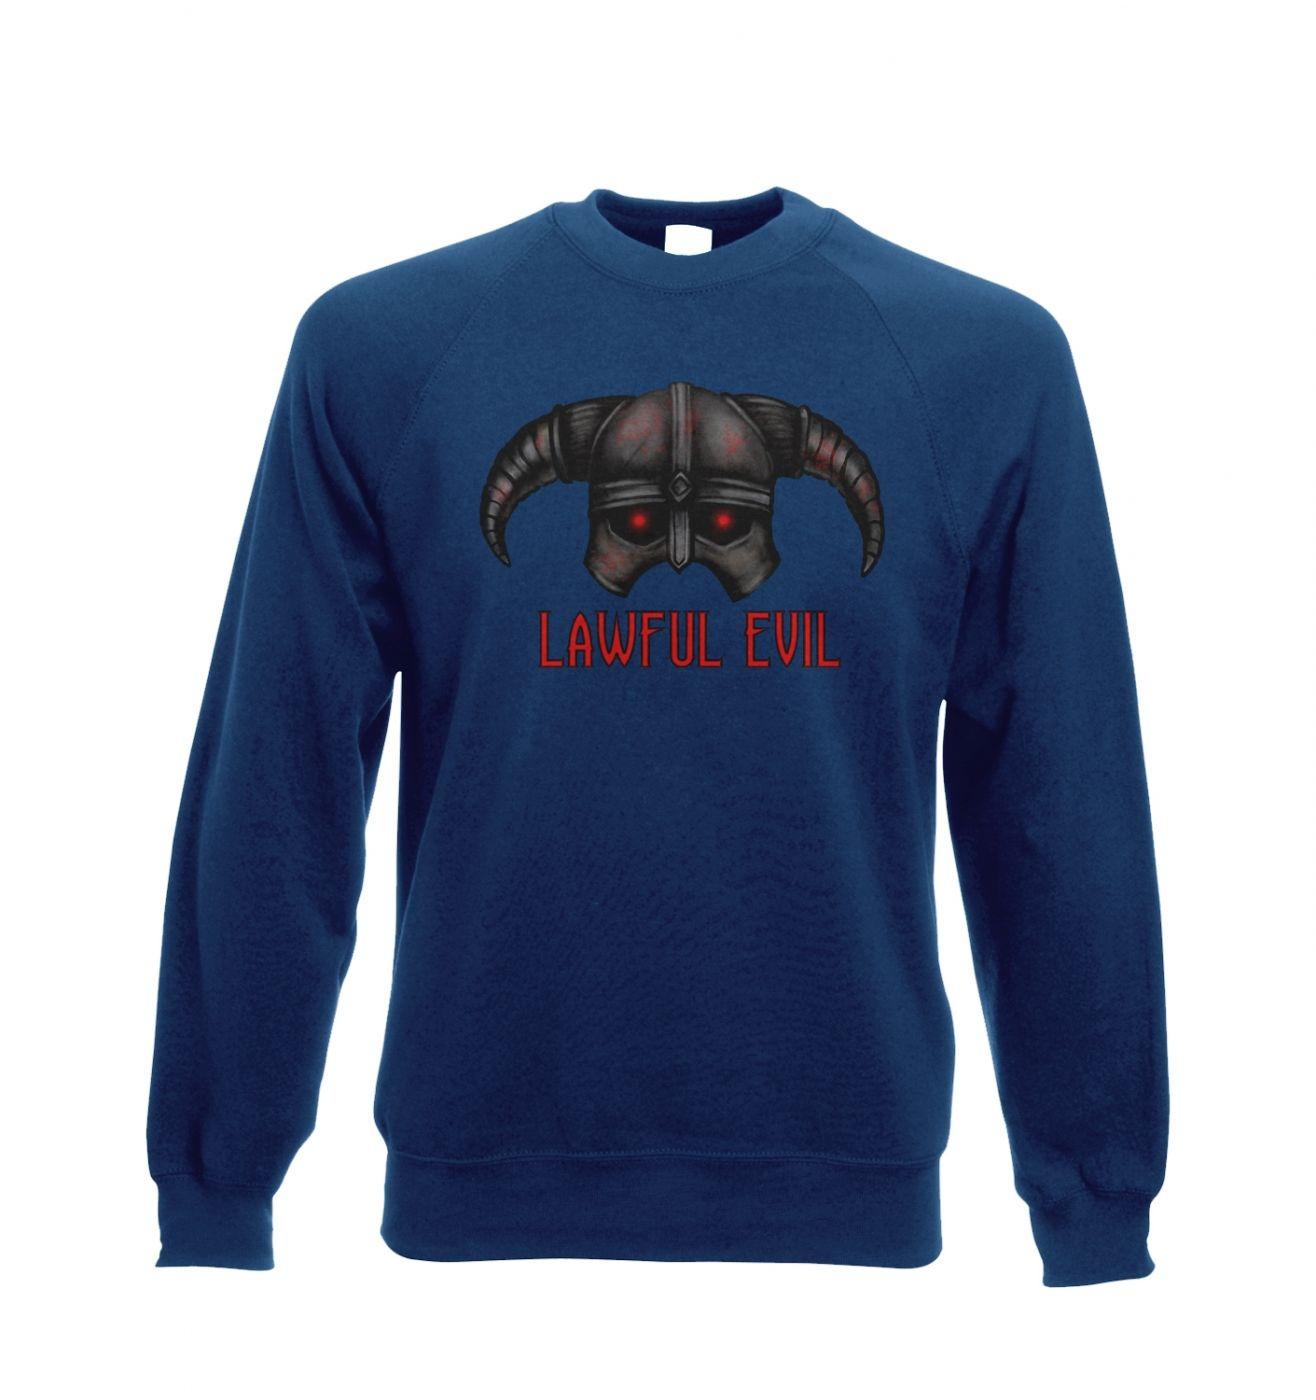 Lawful Evil Adult Crewneck Sweatshirt